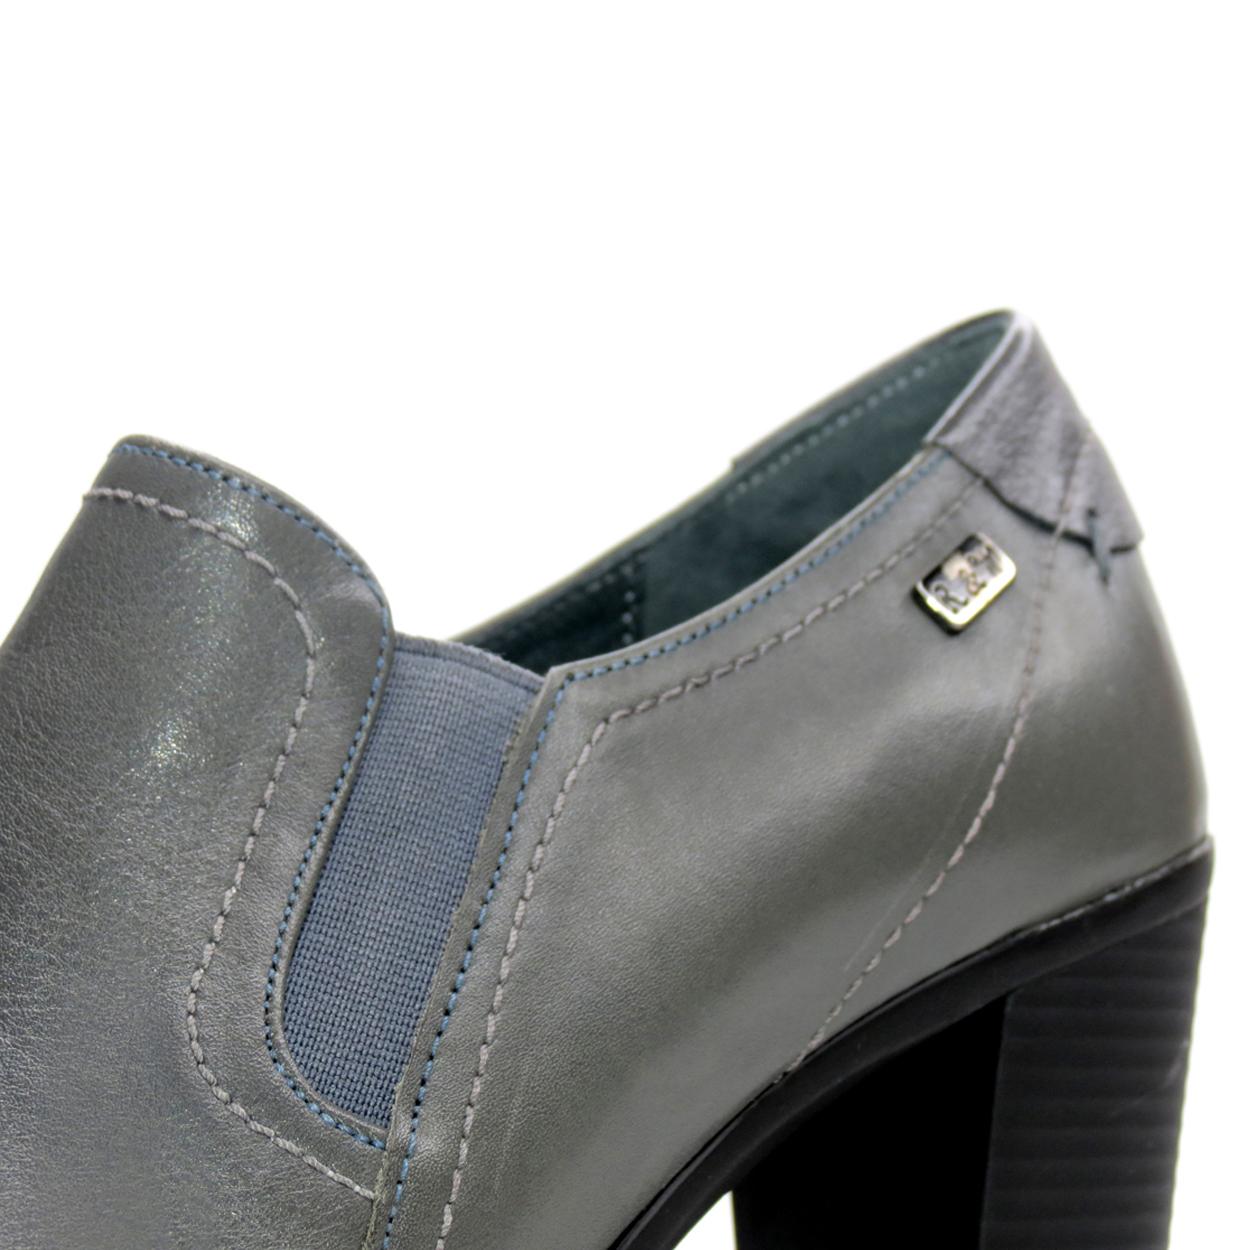 کفش زنانه آر اند دبلیو مدل 487 رنگ طوسی -  - 10